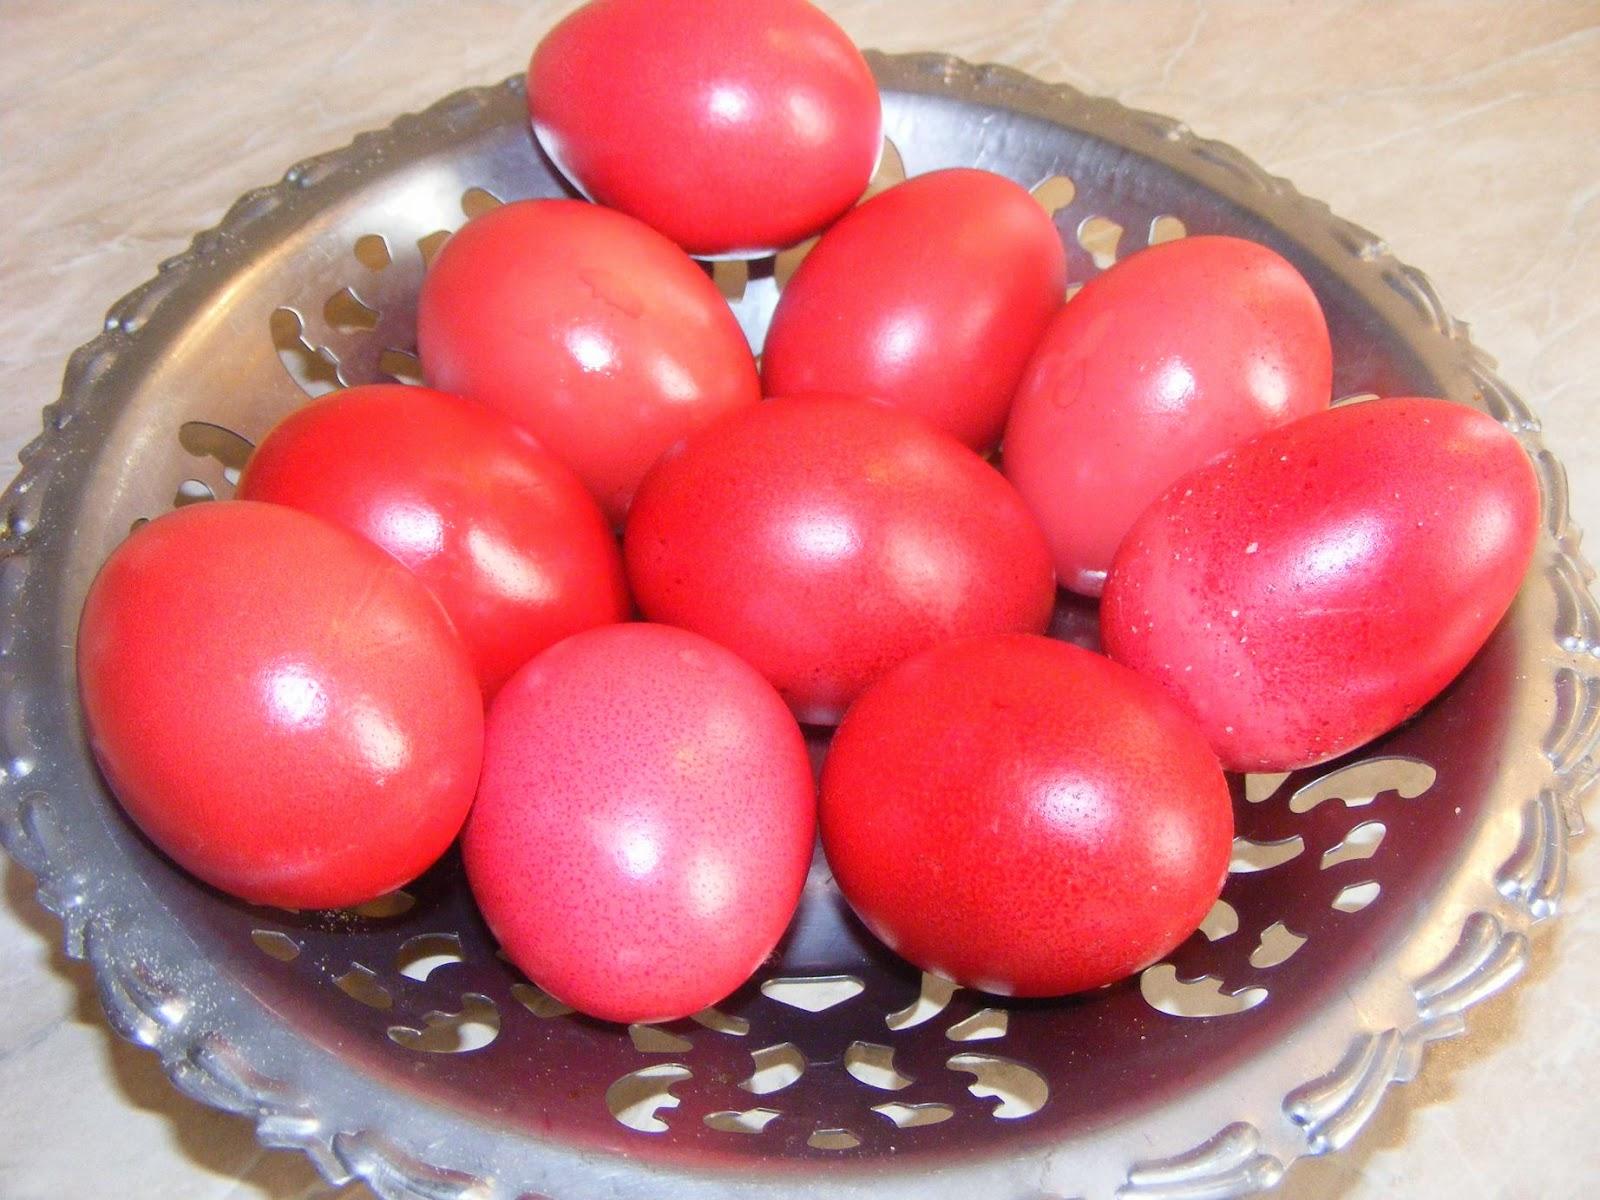 oua rosii, oua vopsite, oua de paste, uoa de pasti, oua rosii de paste, oua rosii de pasti, paste fericit, hristos a inviat, adevarat a inviat, oua colorate, oua vopsite rosii de paste, retete de paste, aperitive de paste,